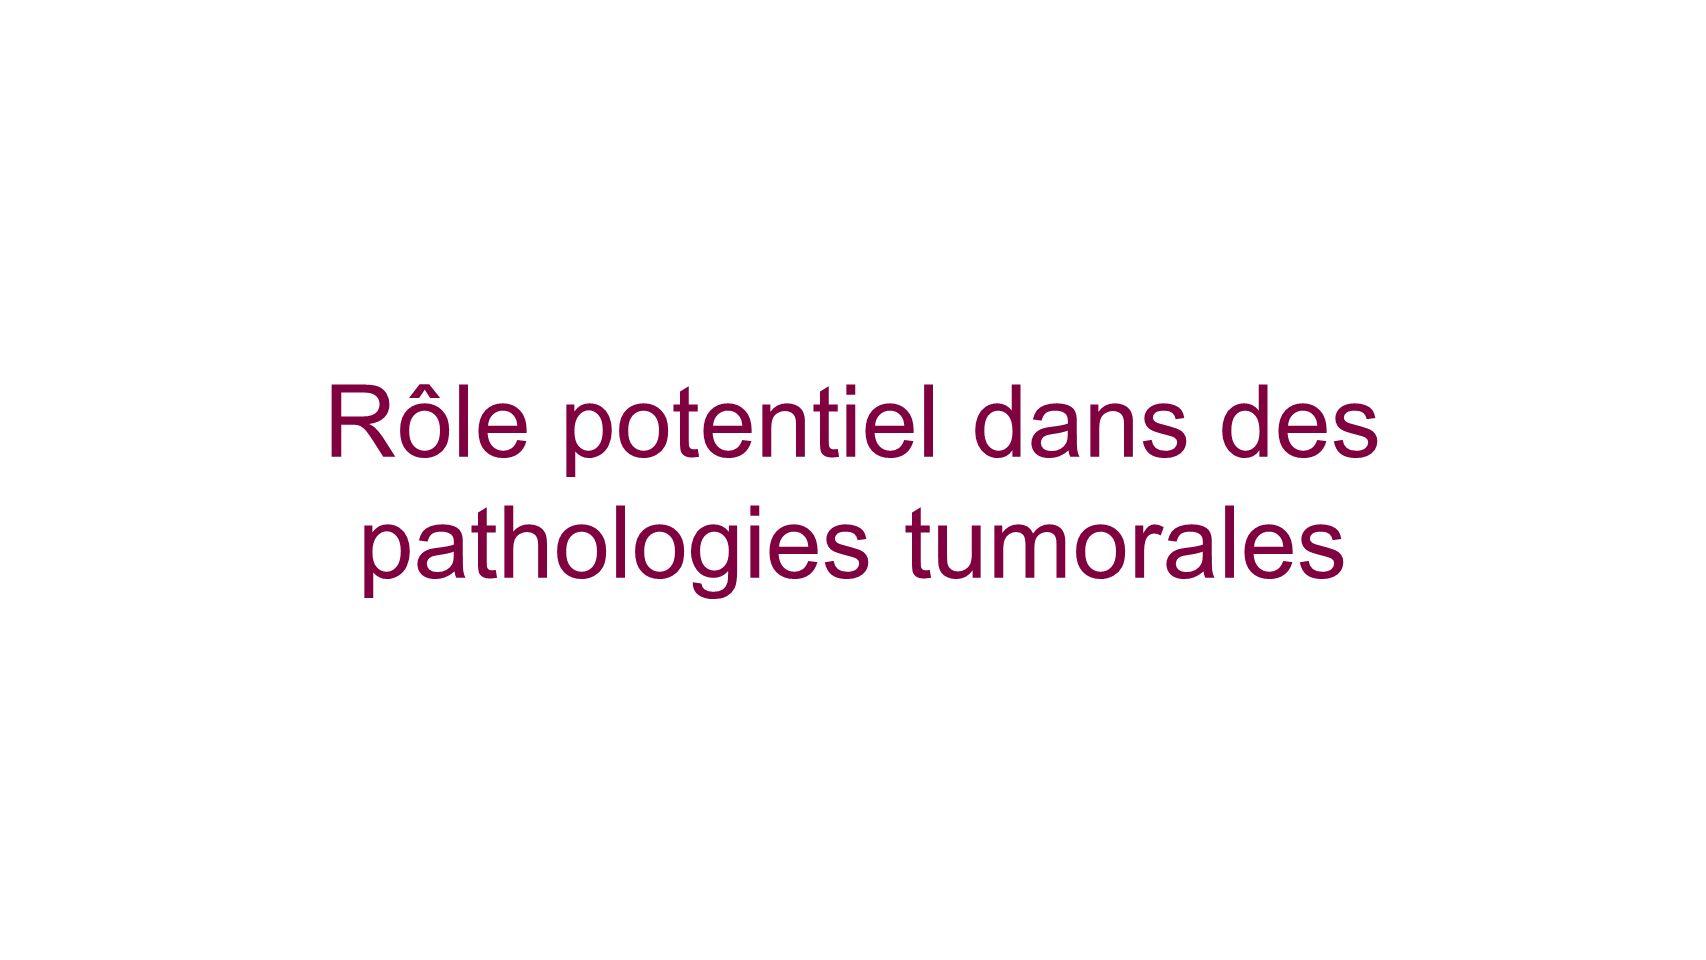 Rôle potentiel dans des pathologies tumorales